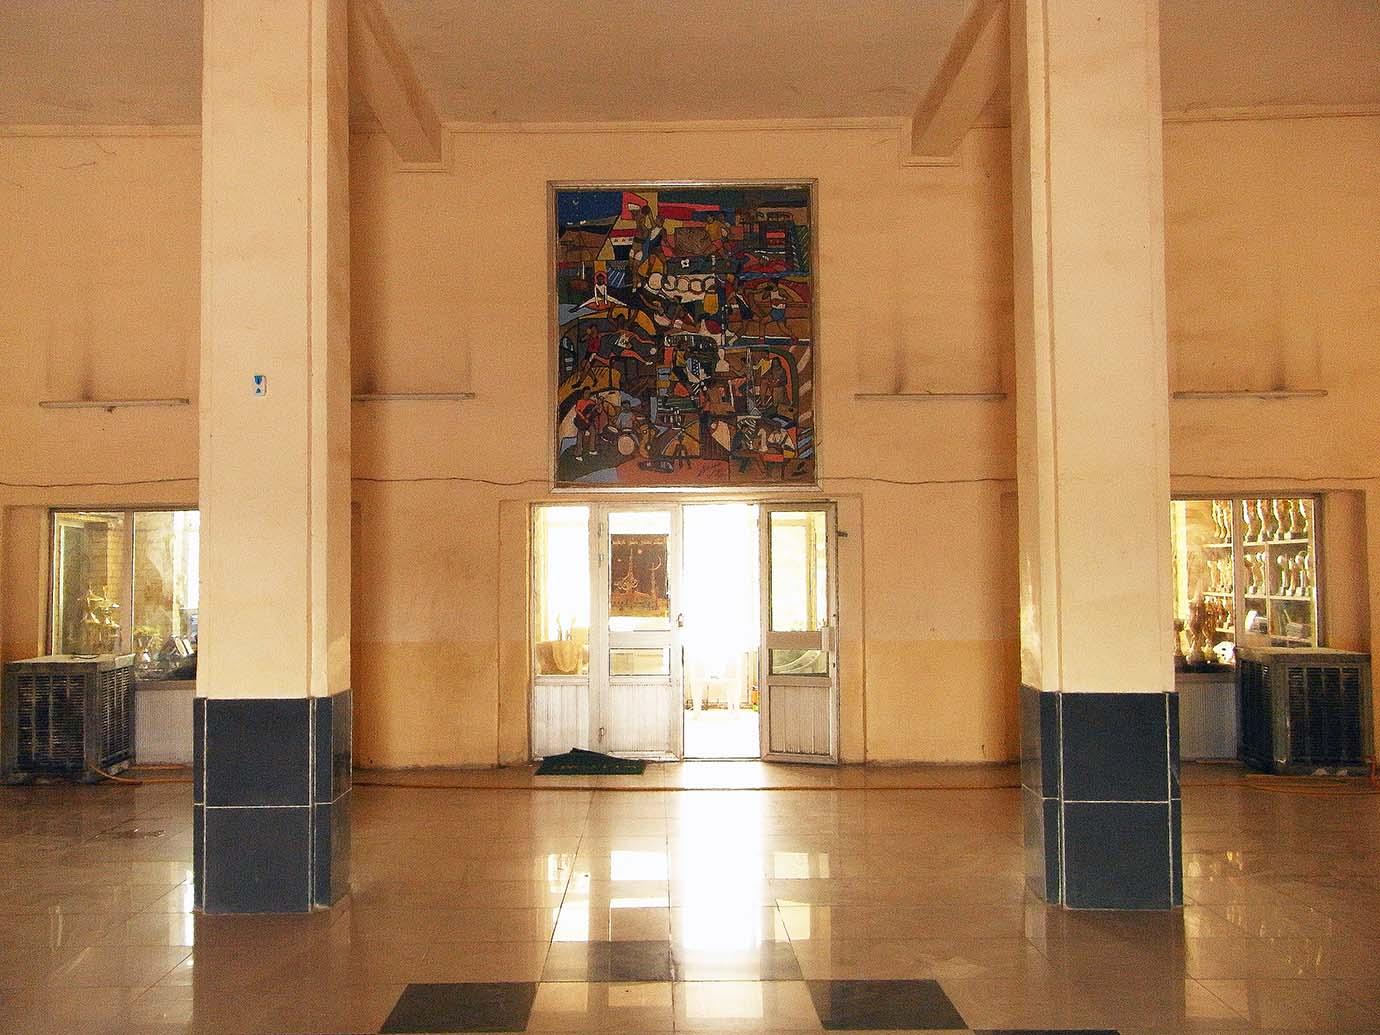 الشكل 5 : الفضاءات الداخلية والنسب والأعمدة تحقق نصبية فن الآرت ديكو، وفي الوسط لوحة فائق حسن تعود للعام 1972. صورة سيسيليا بيري، 2011، جميع الحقوق محفوظة